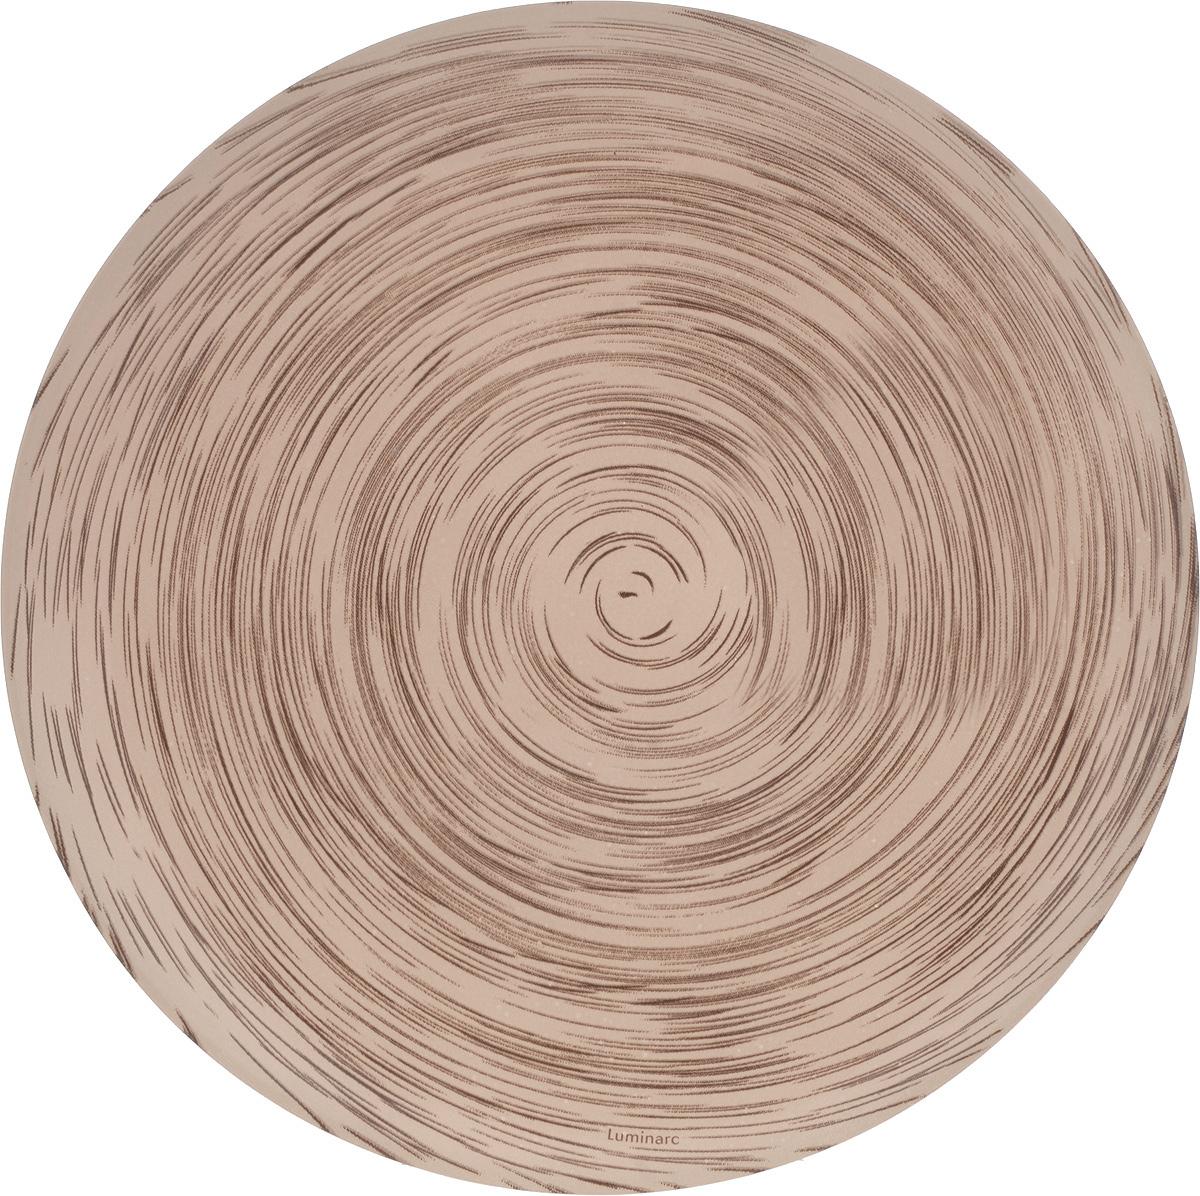 Тарелка десертная Luminarc Stonemania Cappuccino, диаметр 20 смJ2131Десертная тарелка Luminarc Stonemania Cappuccino, изготовленная из высококачественного стекла, имеет изысканный внешний вид. Такая тарелка прекрасно подходит как для торжественных случаев, так и для повседневного использования. Идеальна для подачи десертов, пирожных, тортов и многого другого. Она прекрасно оформит стол и станет отличным дополнением к вашей коллекции кухонной посуды. Диаметр тарелки: 20 см. Высота тарелки: 1,5 см.